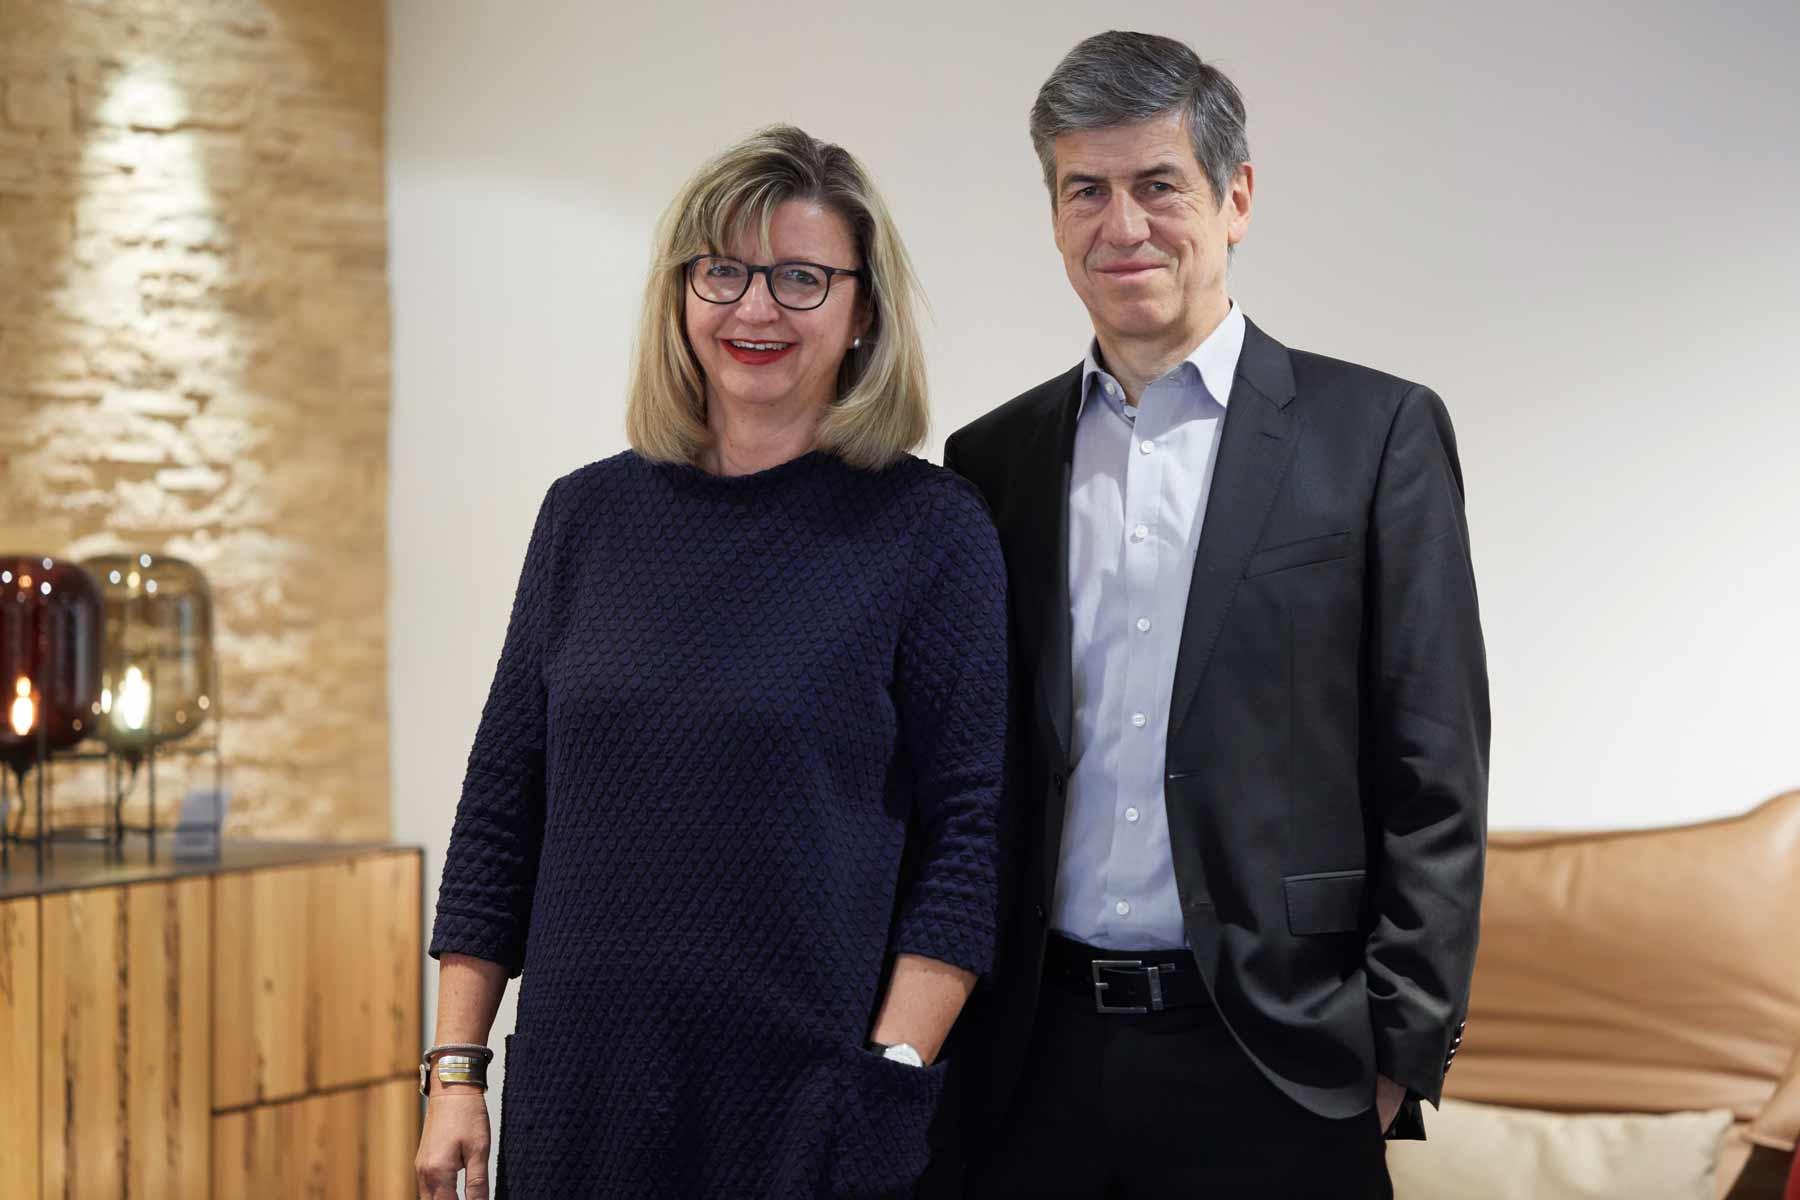 Uli und Jutta Schatz - Geschäftsleitung